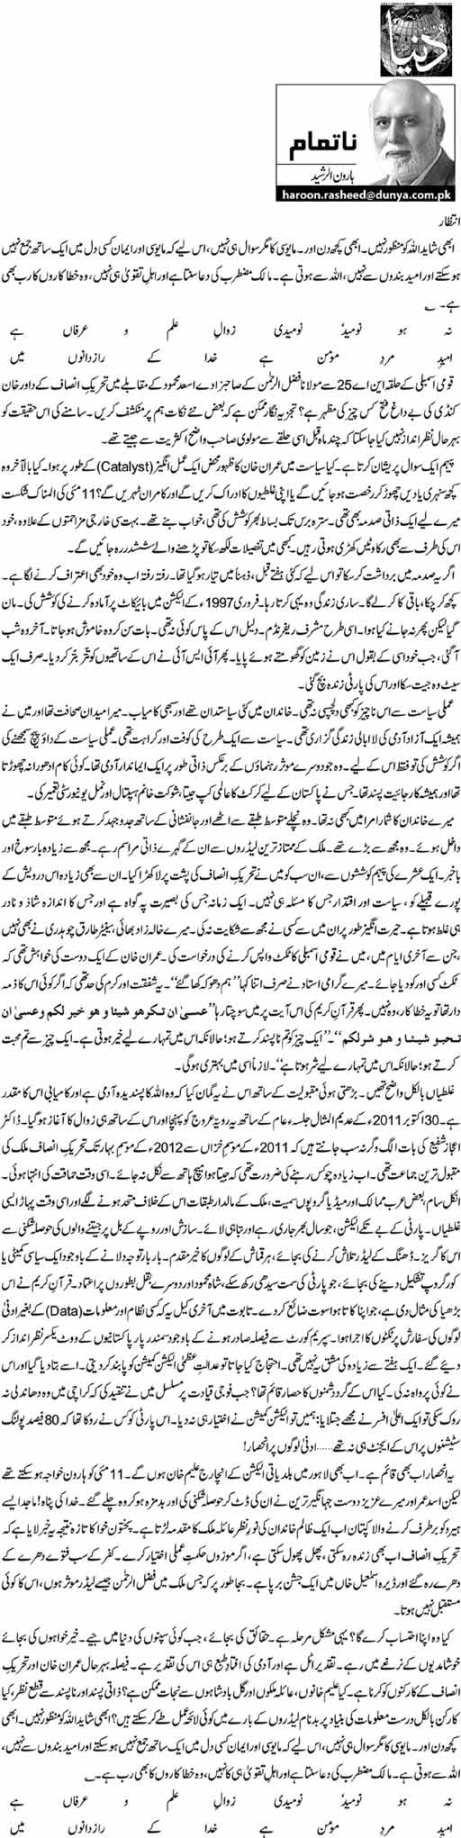 Intazar - Haroon ur Rasheed